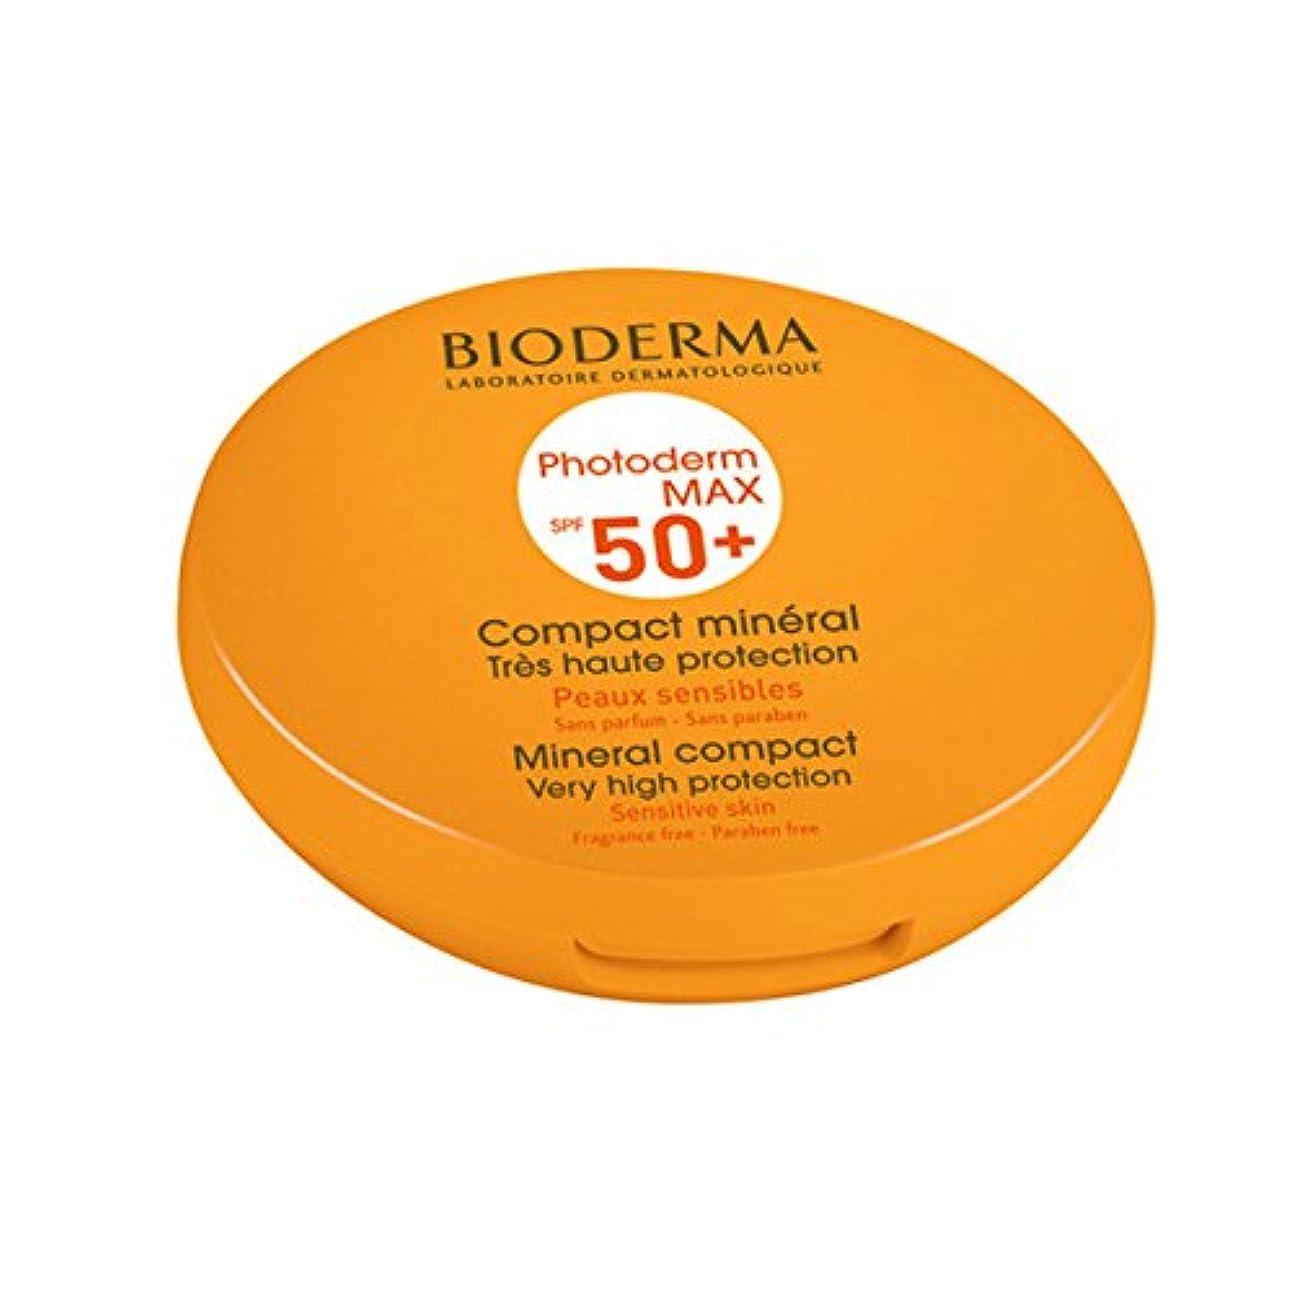 オーク保守可能約束するBioderma Photoderm Max Compact Mineral 50+ Golden 10g [並行輸入品]